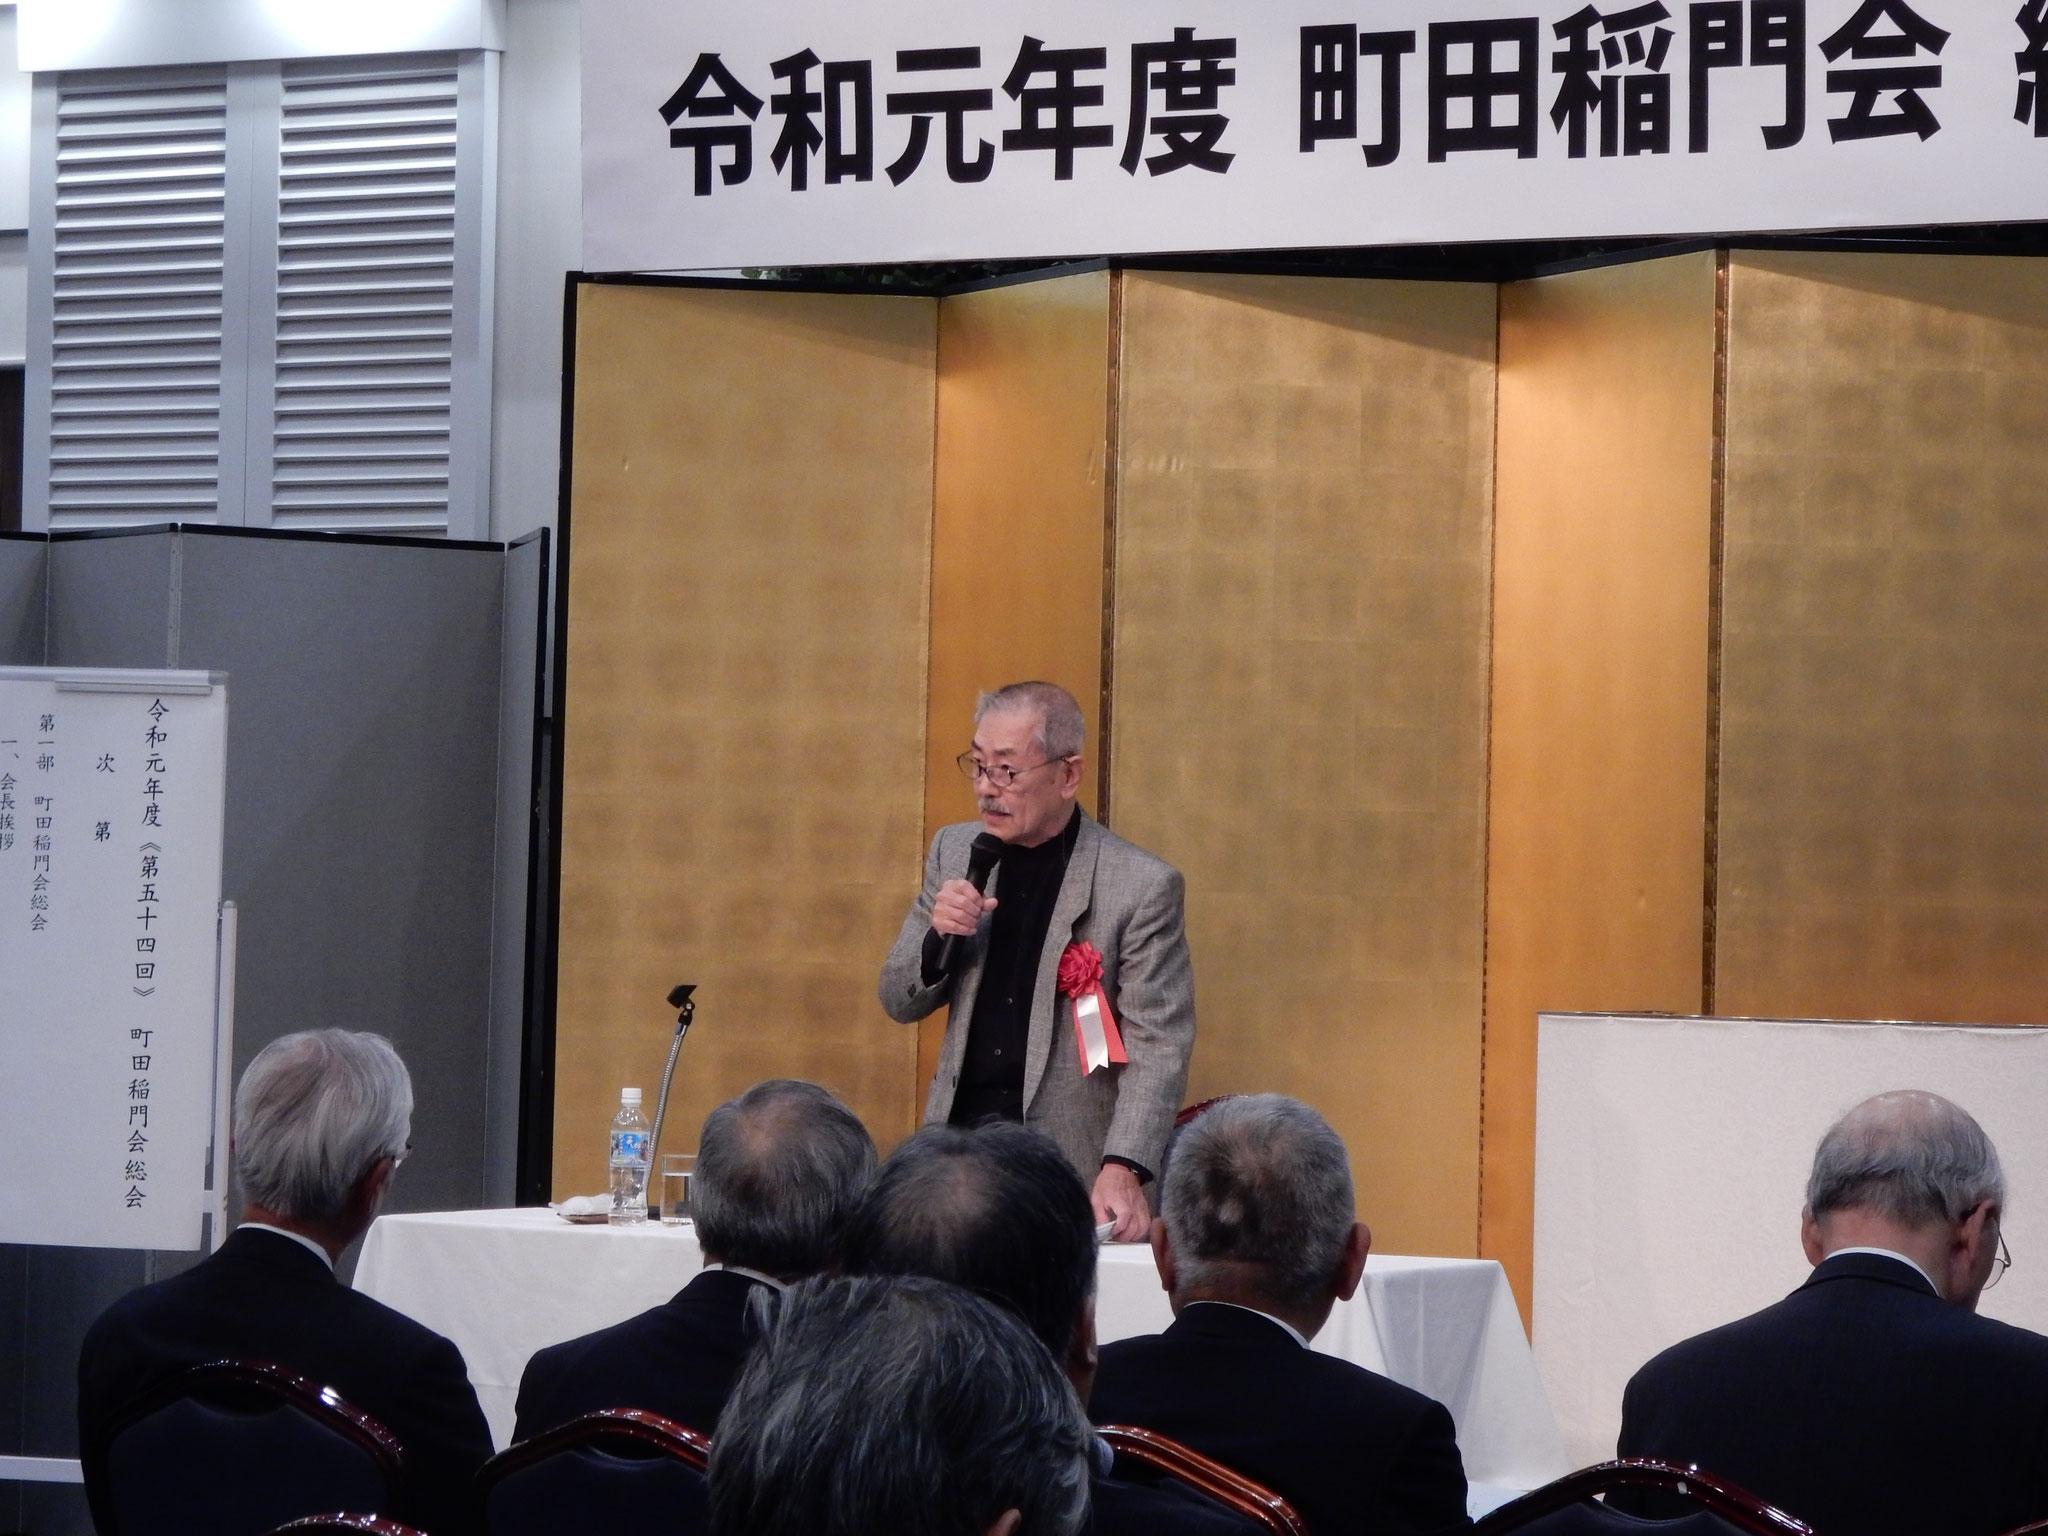 2019 令和元年度町田稲門会 総会(講演会)